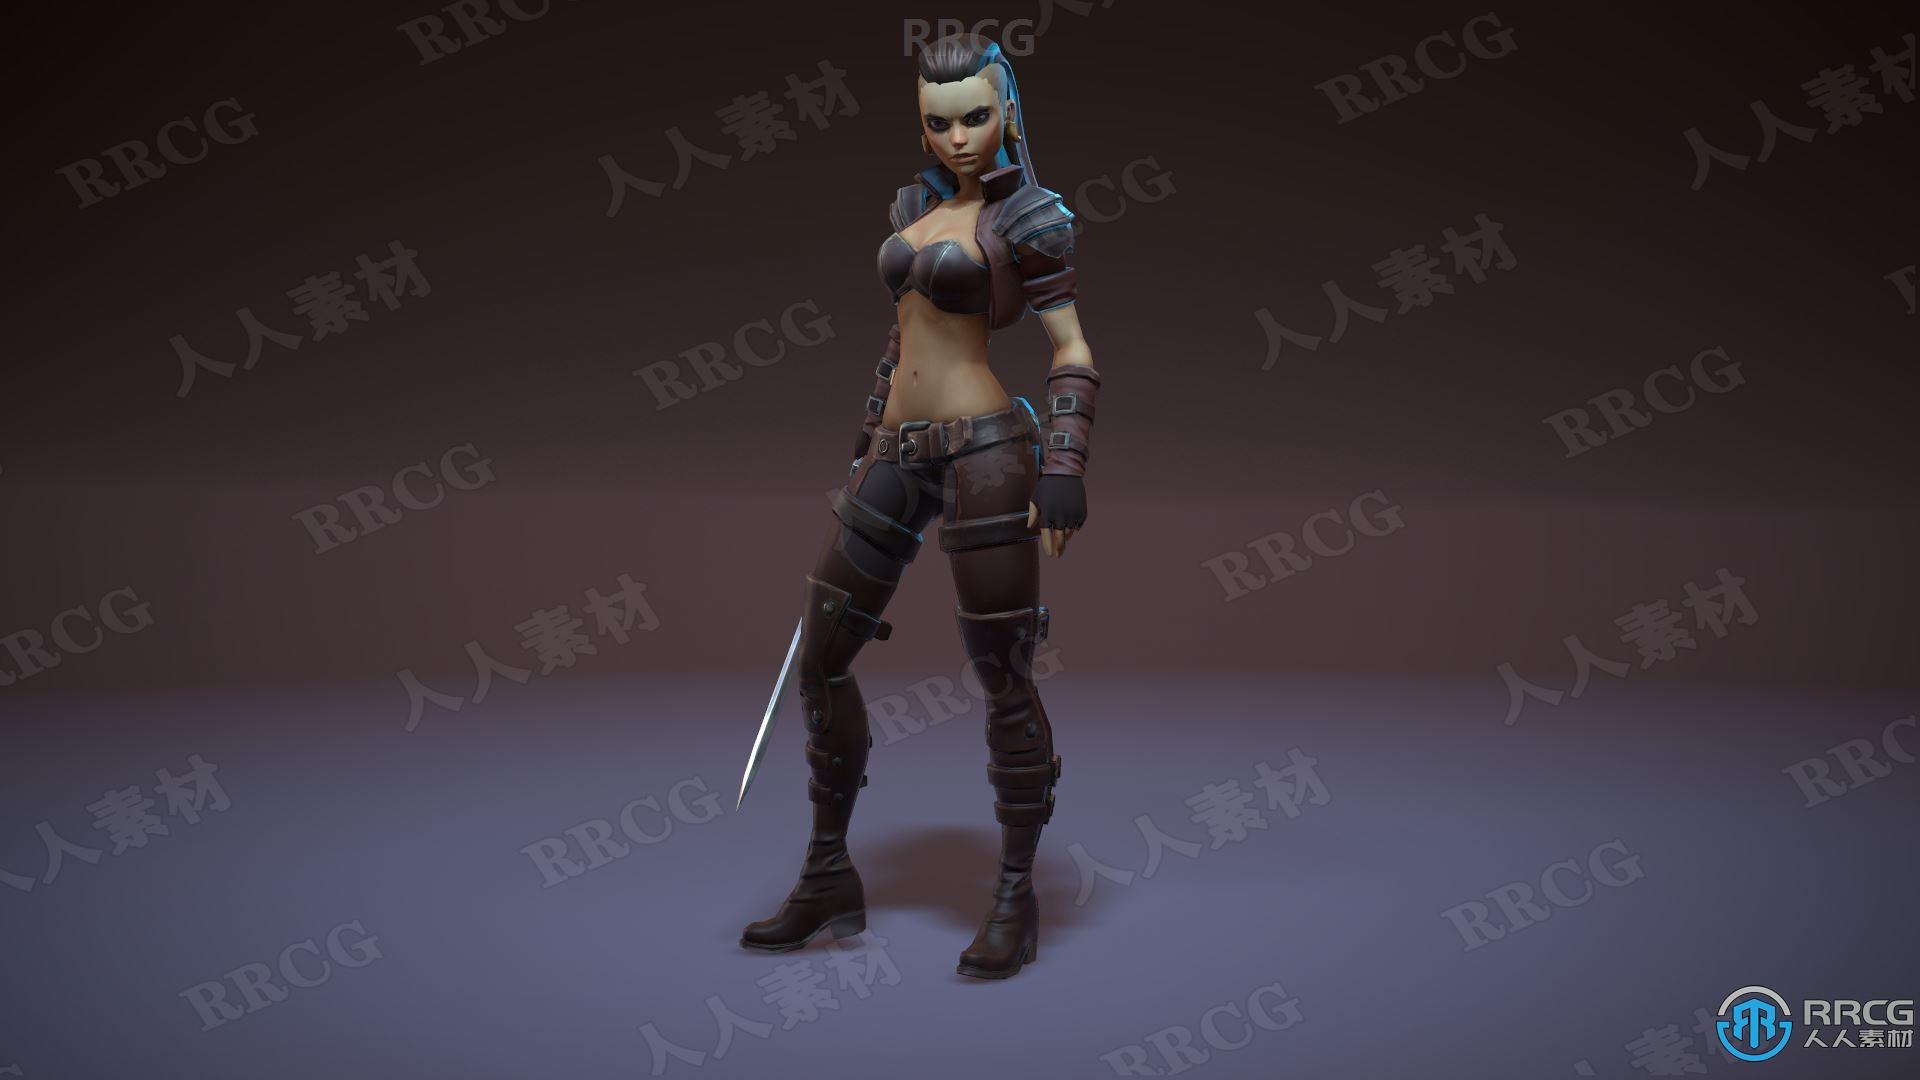 瓦尔基里娅科幻战斗动态角色Unreal Engine游戏素材资源